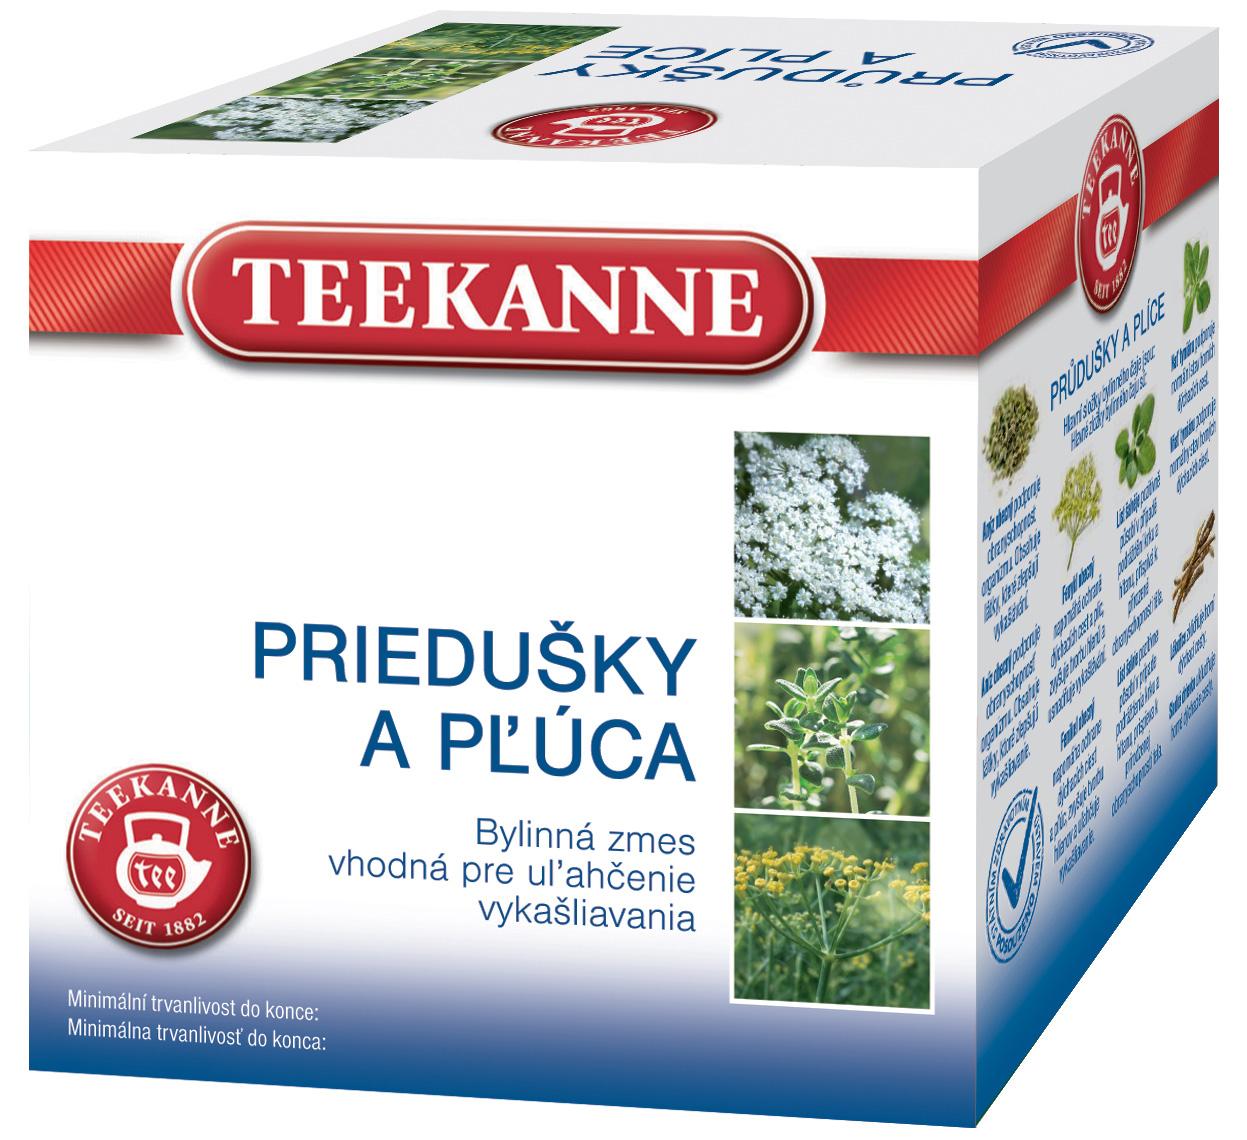 Teekanne BČ Kašeľ a priedušky bylinný čaj 10x2g